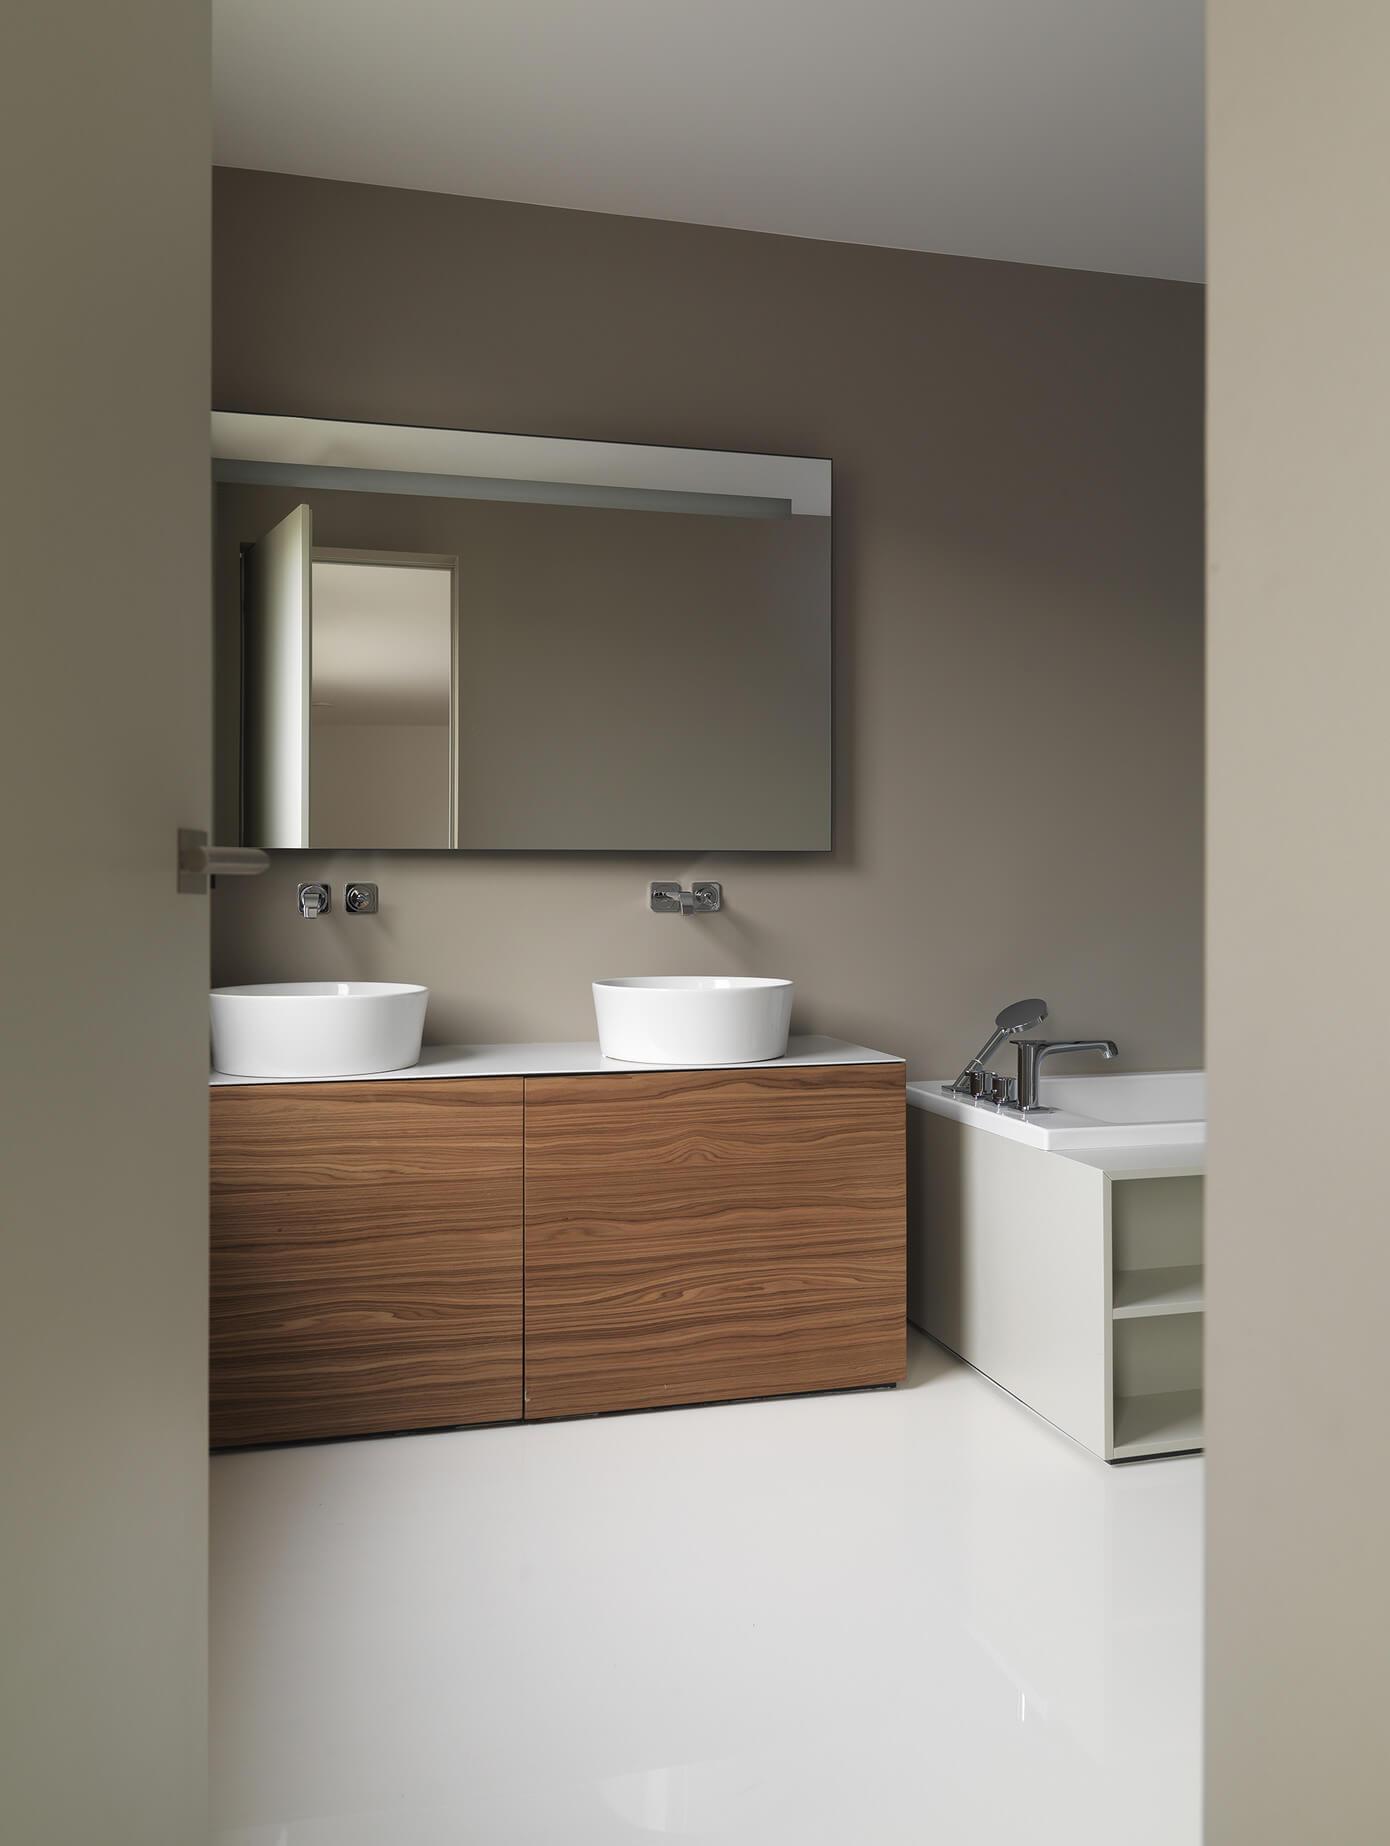 Diseno Baño Sencillo:Diseño de cuarto de baño moderno y sencillo